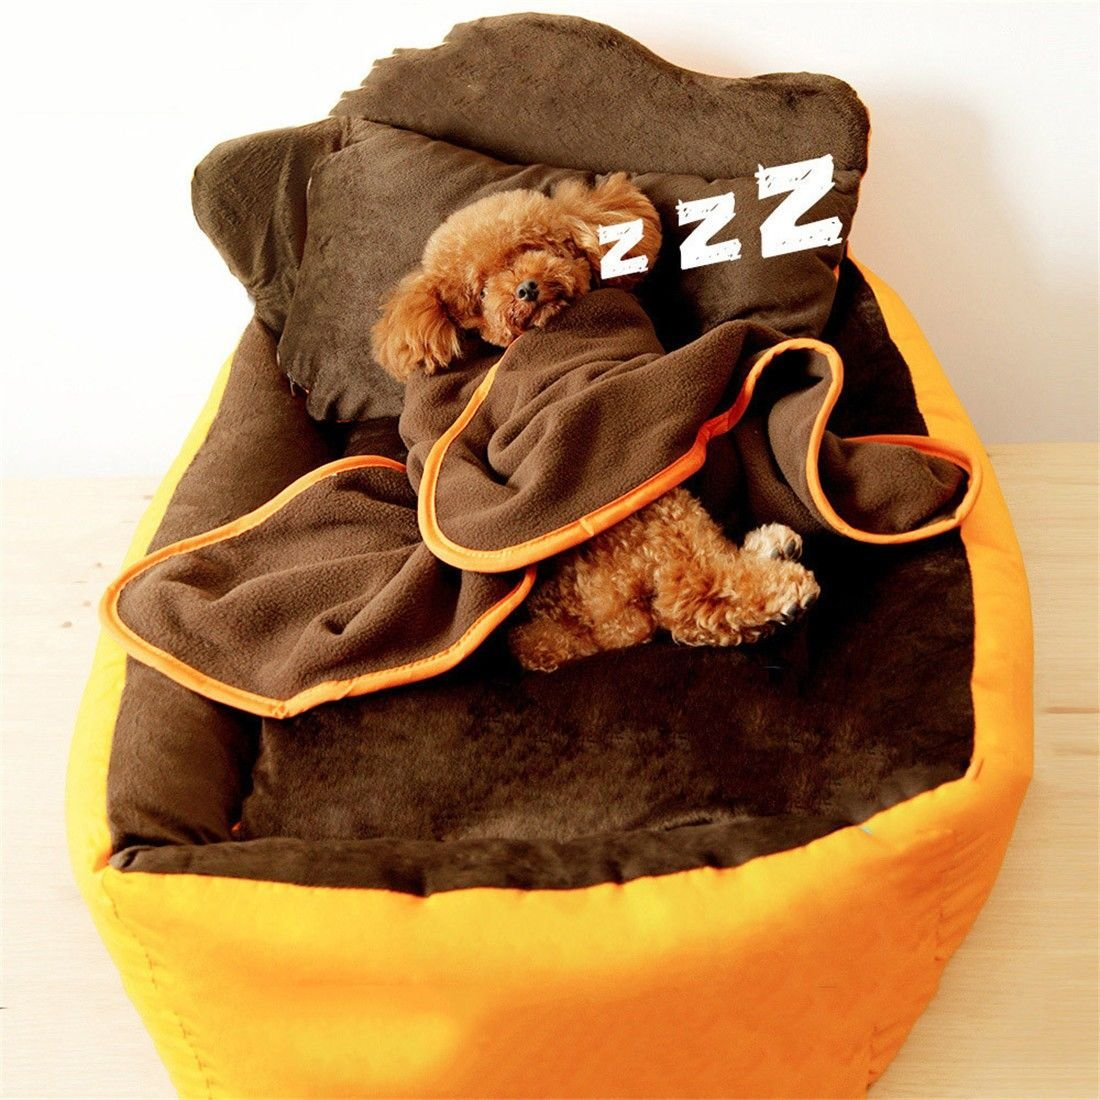 STAZSX Lettino per cani lavabile per per per cani Teddy Bomei Lettino per cani combattimenti oroen Retriever divano per cani letto piccolo cane medio, L  80X70X20CM 7d856e